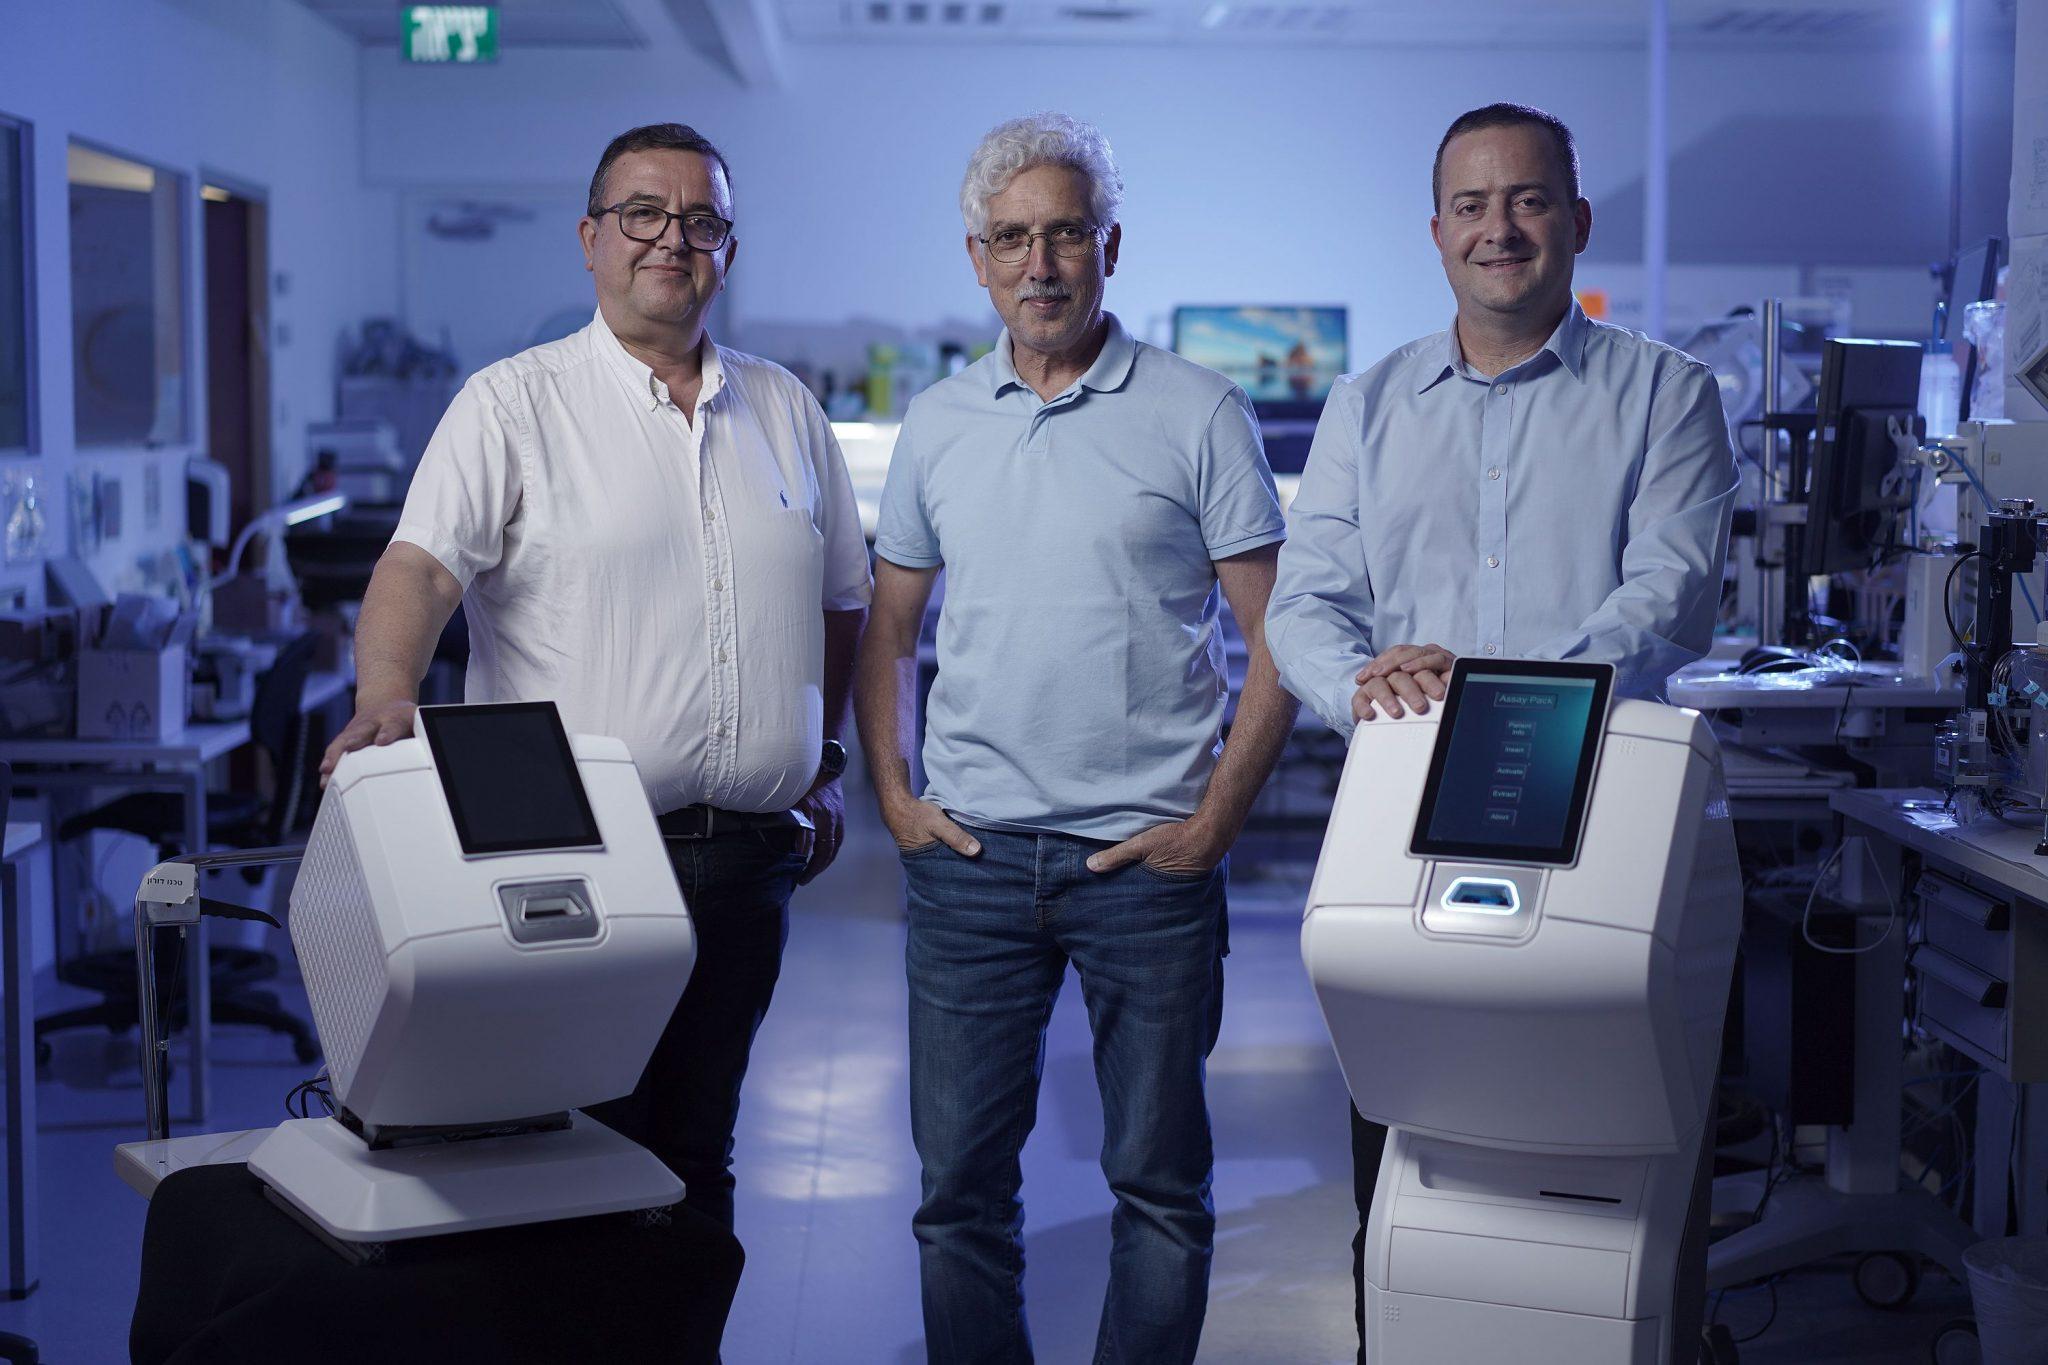 """תמונה 1: הצוות המוביל של Picodya לצד מכשיר הדיאגנוסטיקה B-Matrix: צביקה ברקאי- מנכ""""ל, יהודה יעבץ-חן- CTO אלי בן סימון- יו""""ר. קרדיט: Picodya."""